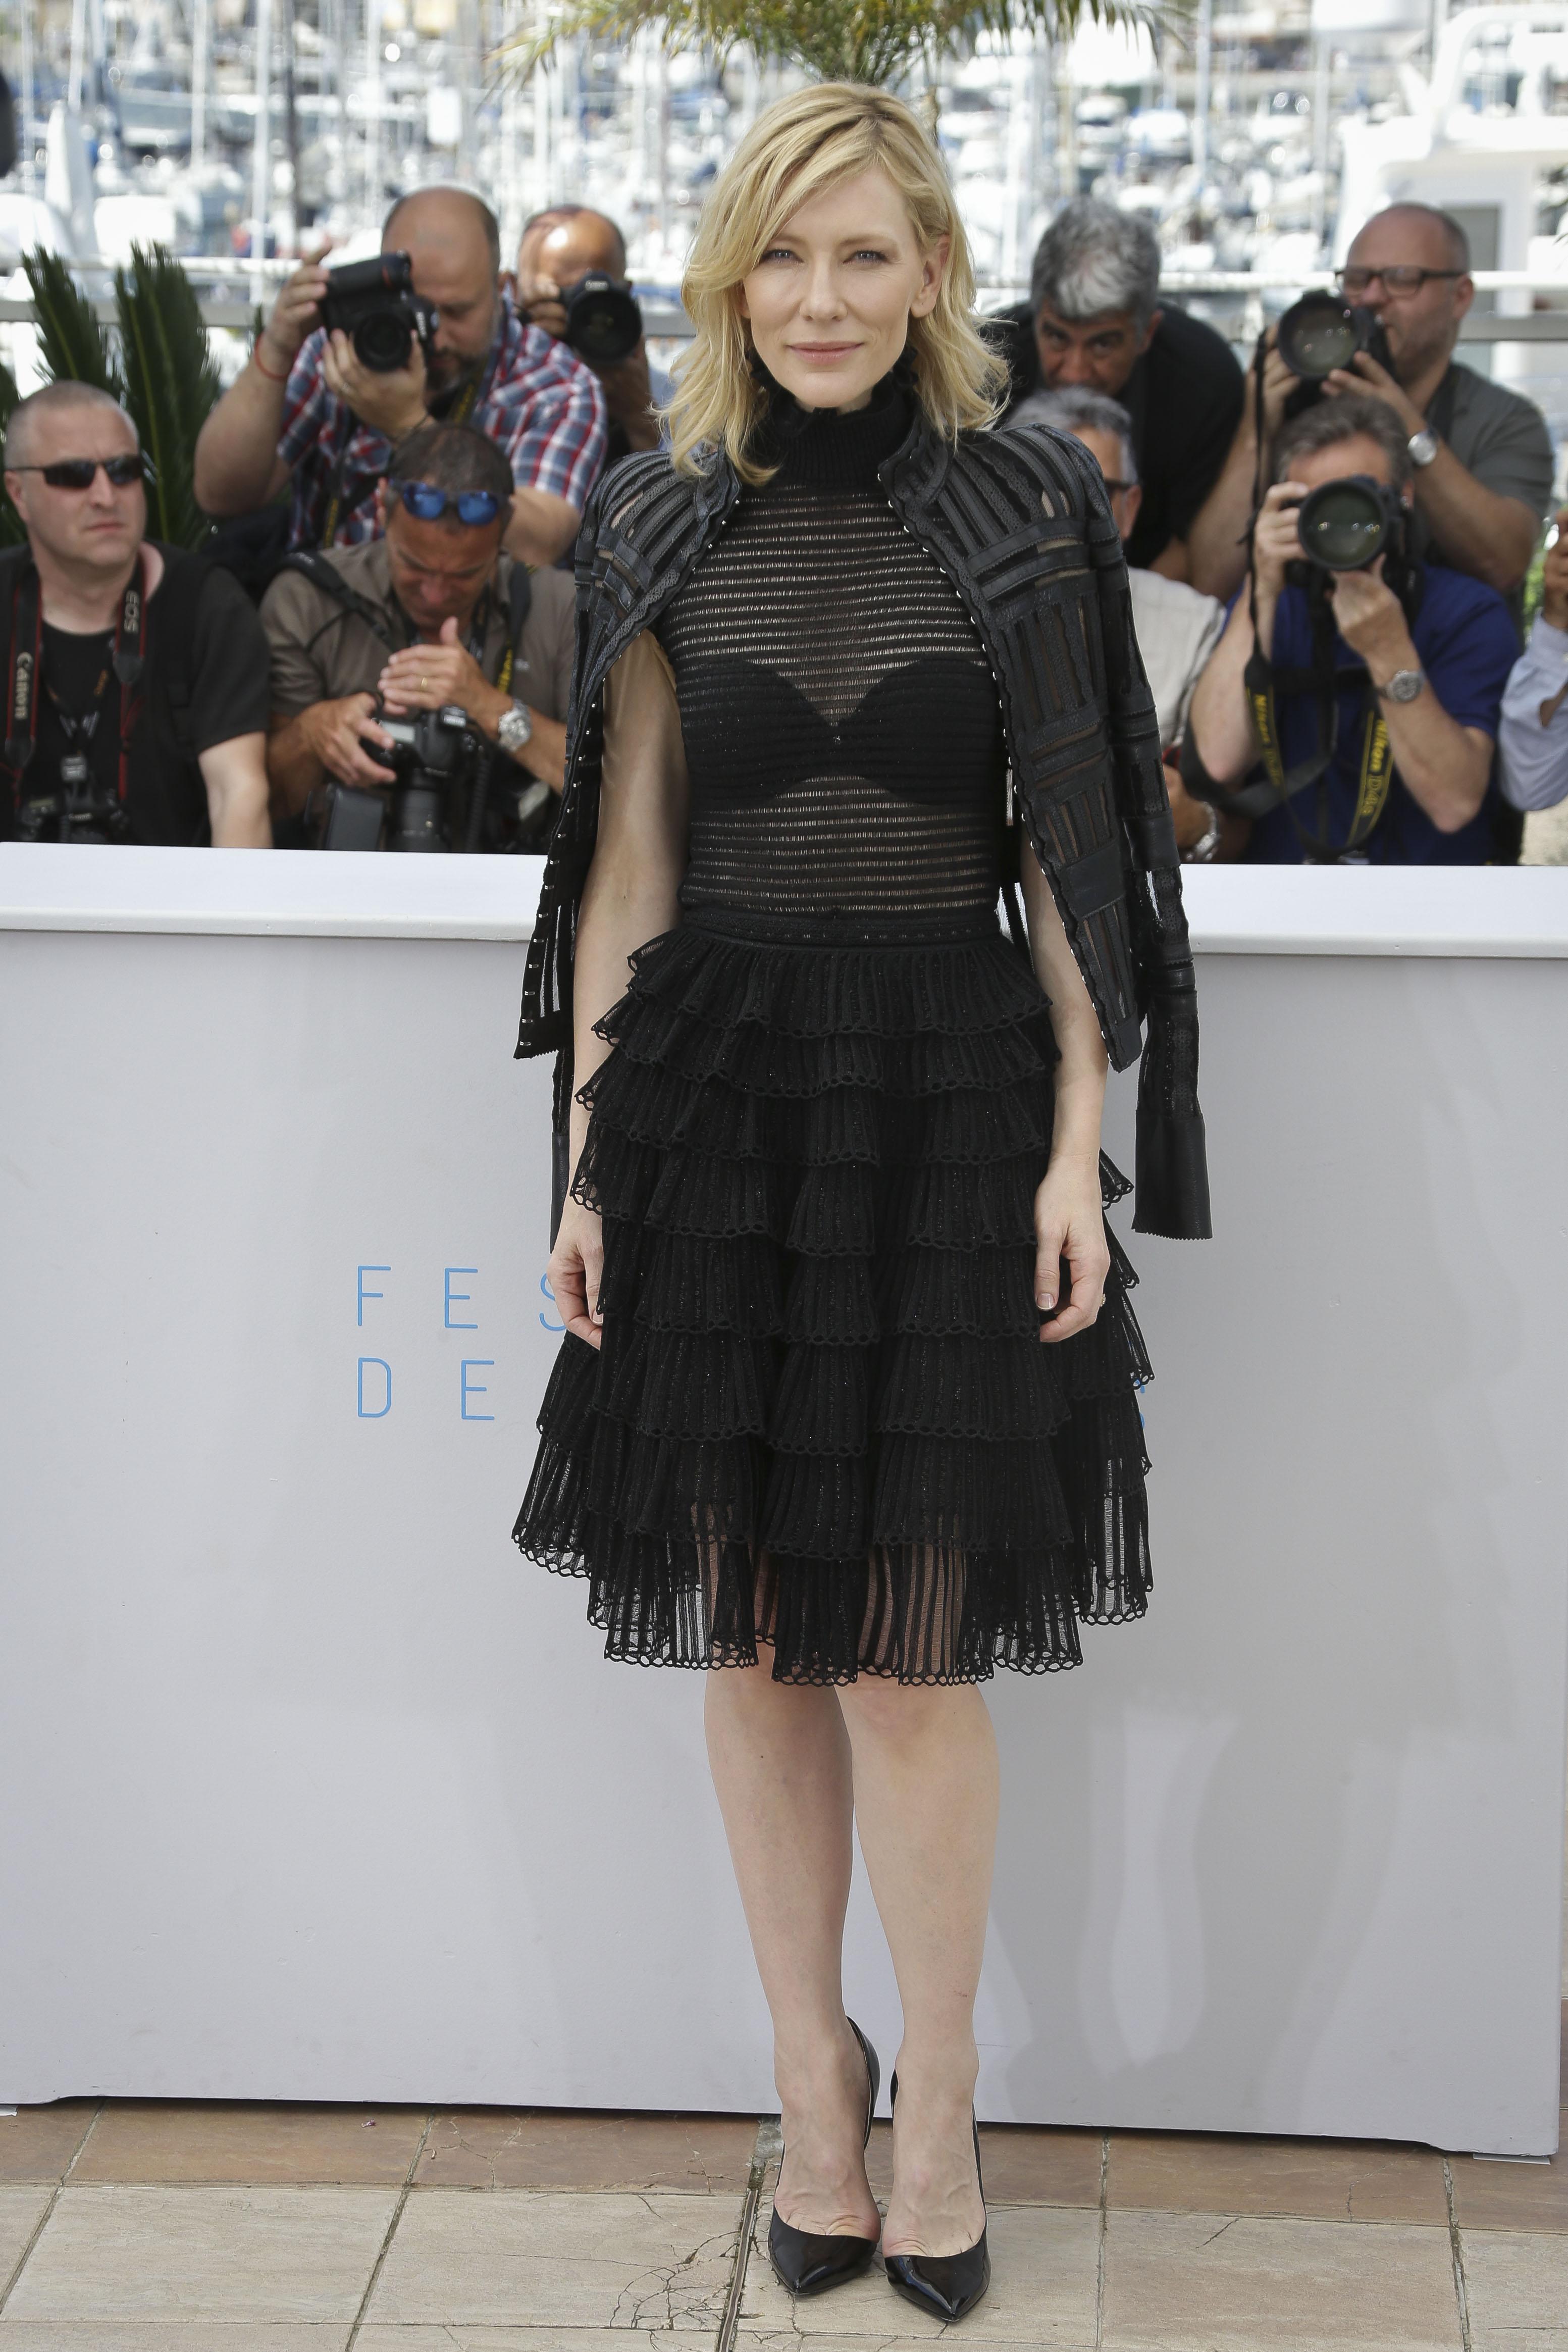 Актриса Кейт Бланшетт удивила странным нарядом от Alexander McQueen